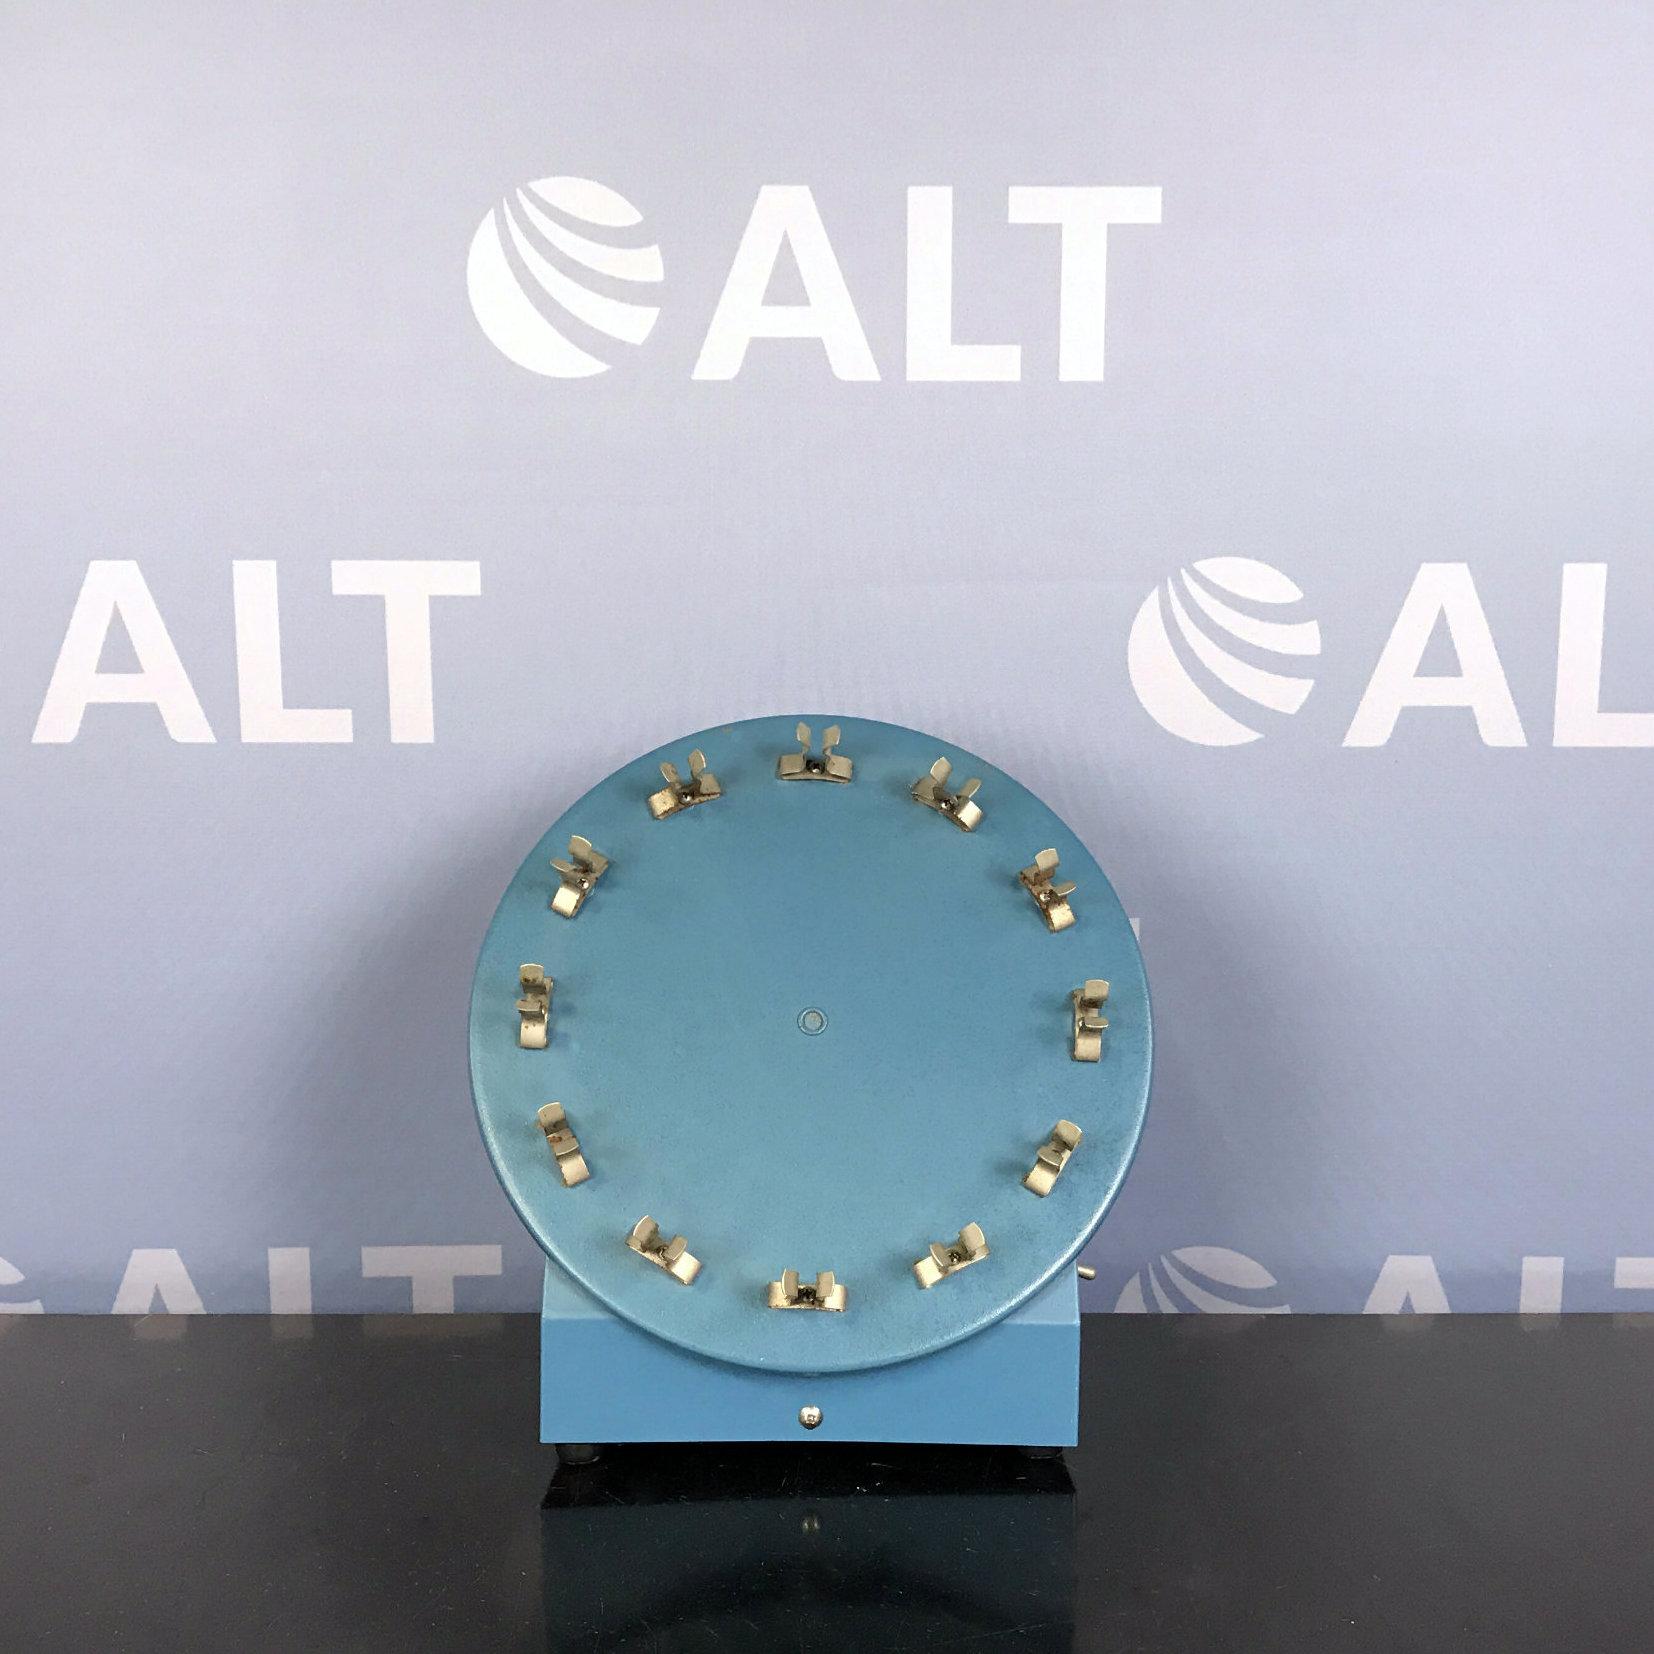 Scientific Equipment Tube Rotator Image